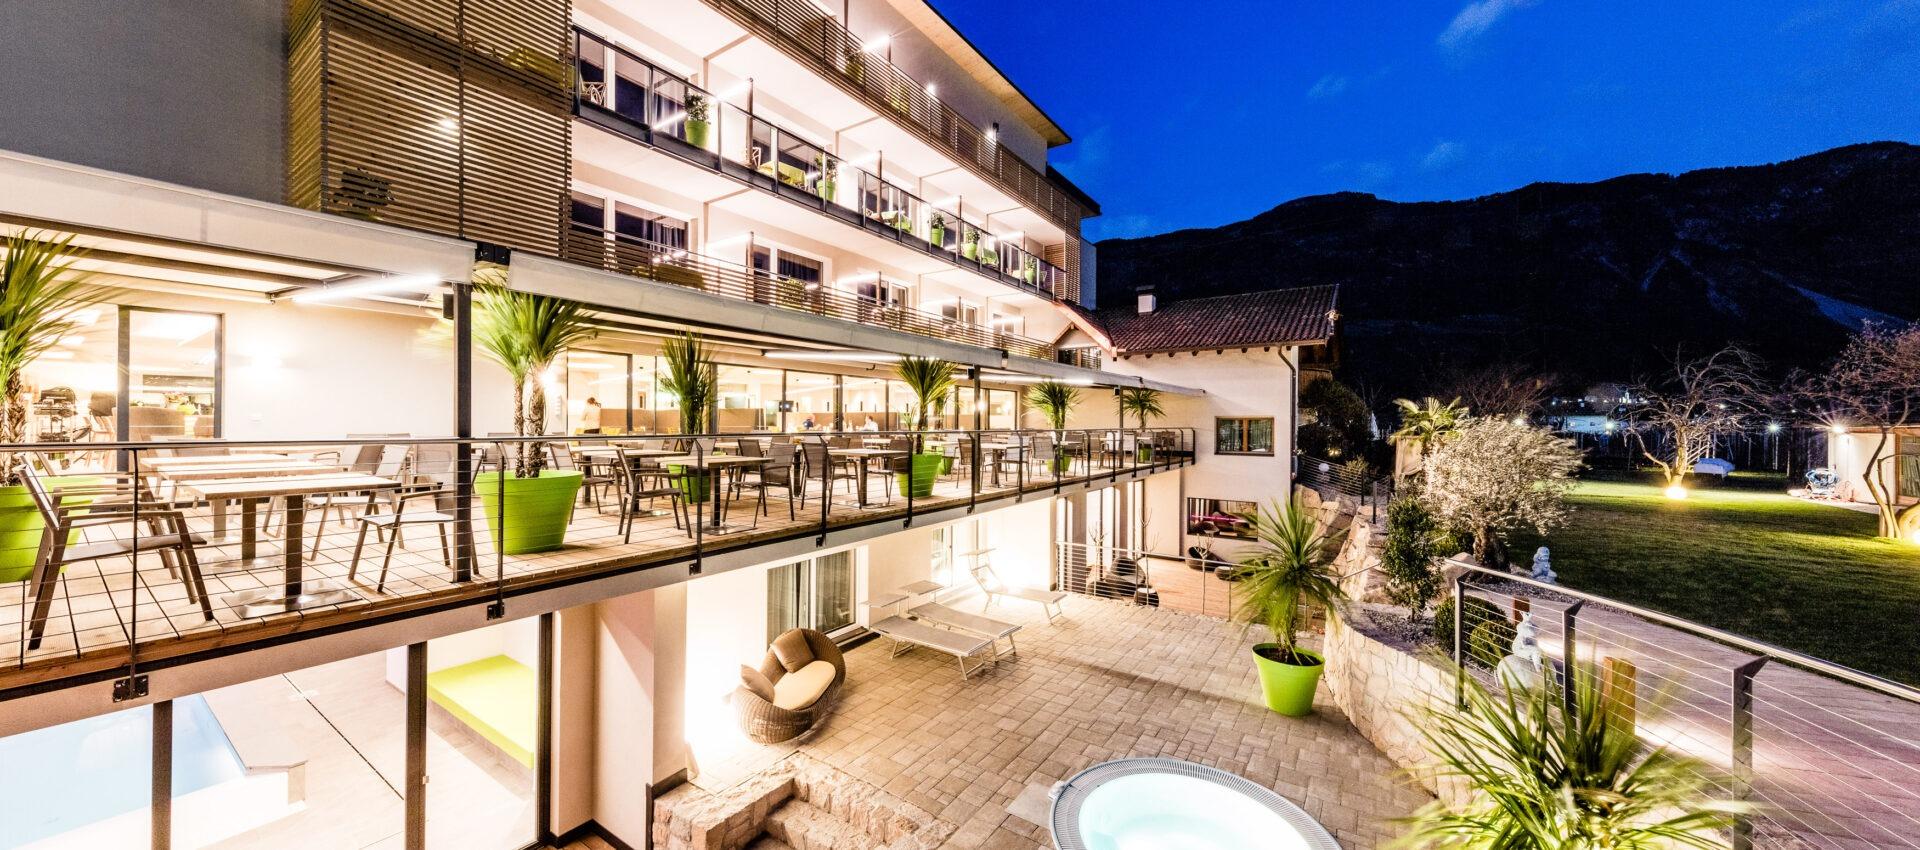 Südansicht 4 Sterne Hotel in Lana Pfeiss - Meran - Südtirol